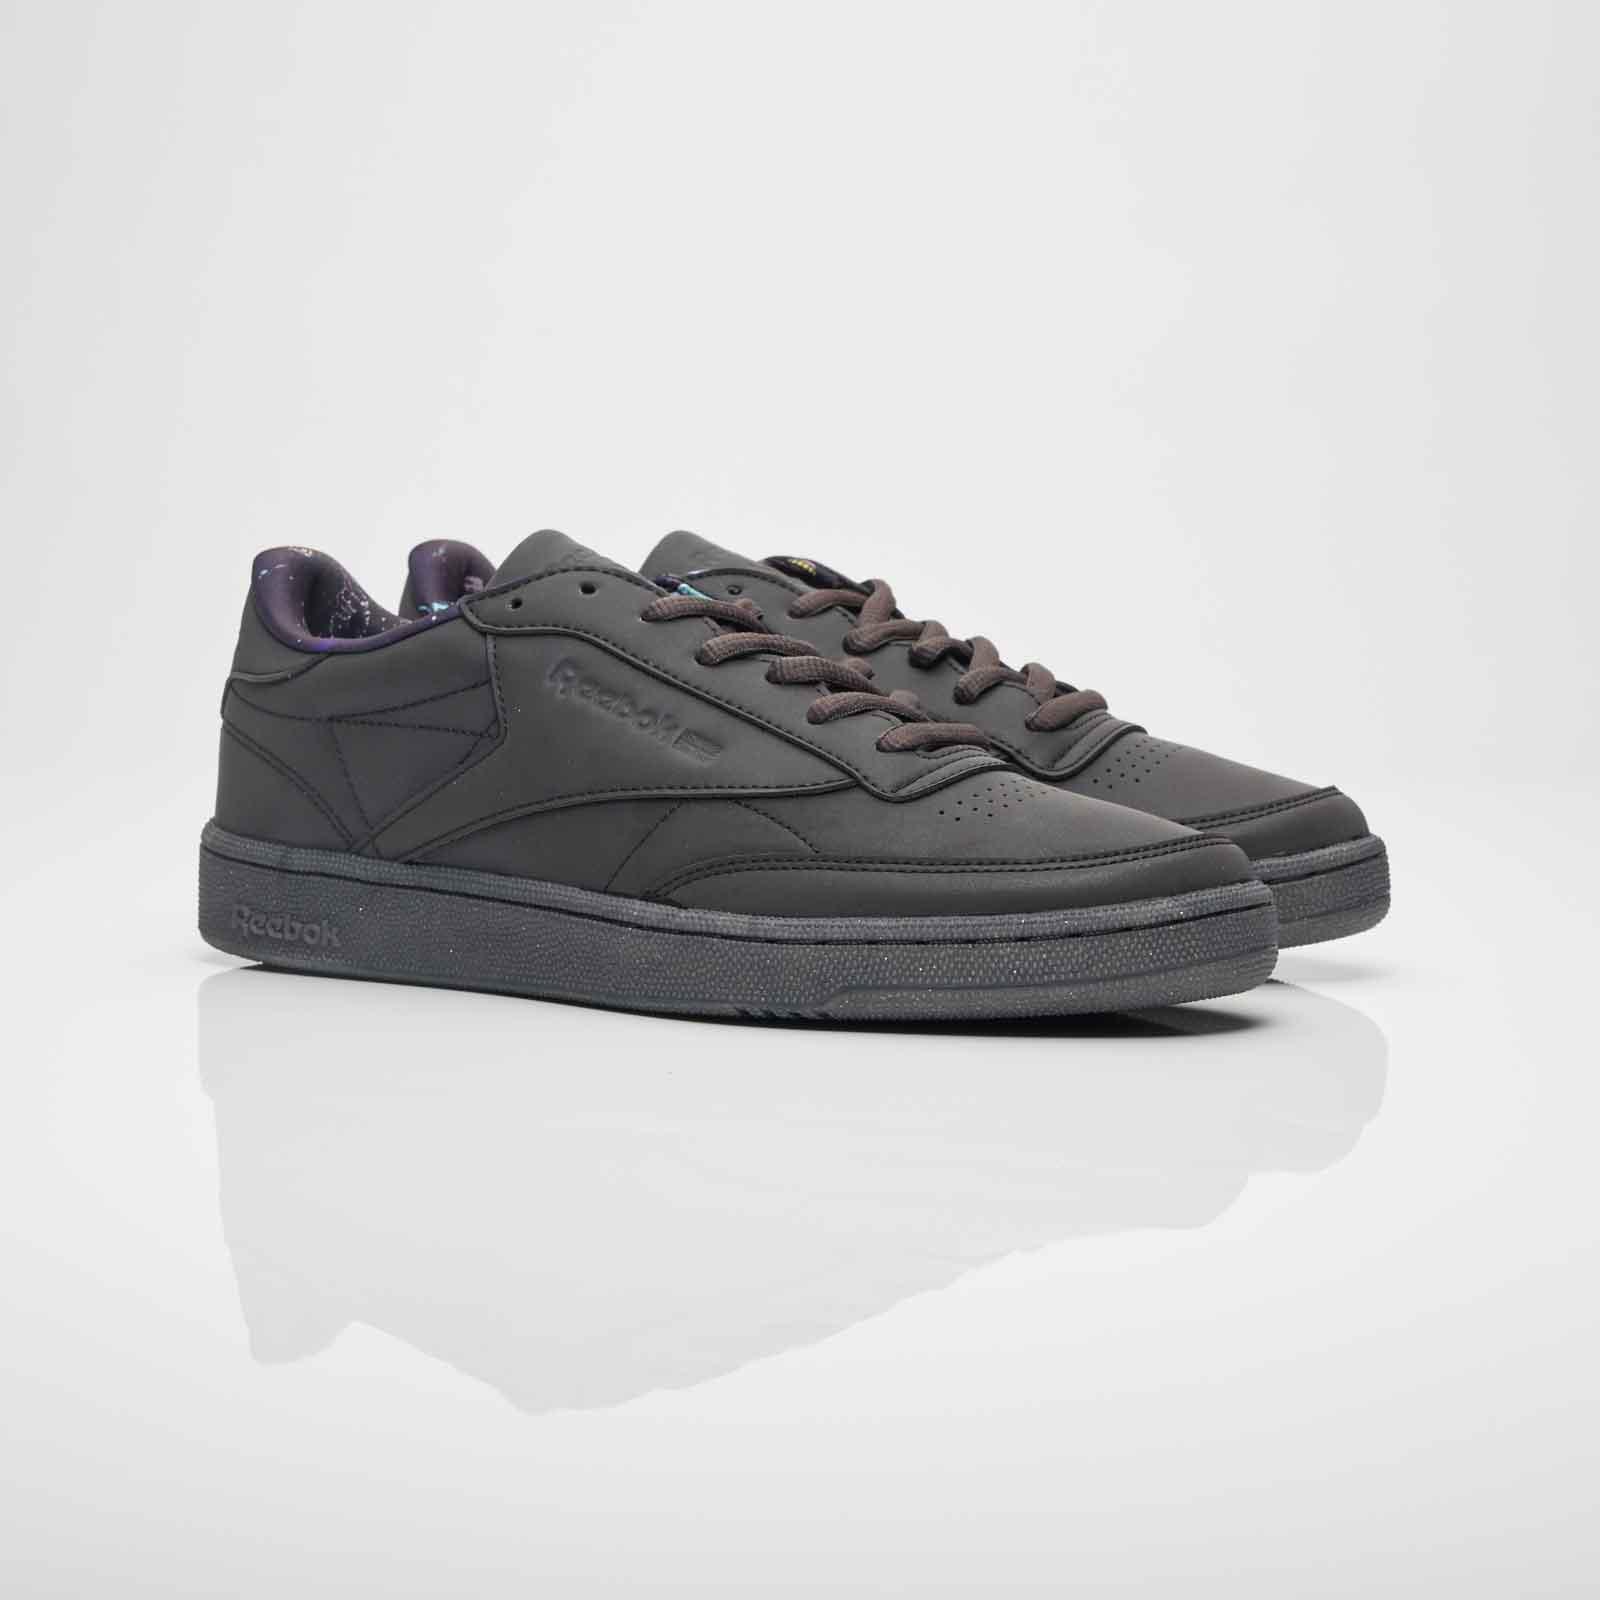 Reebok Club C 85 TDG Bs6470 Sneakersnstuff | sneakers